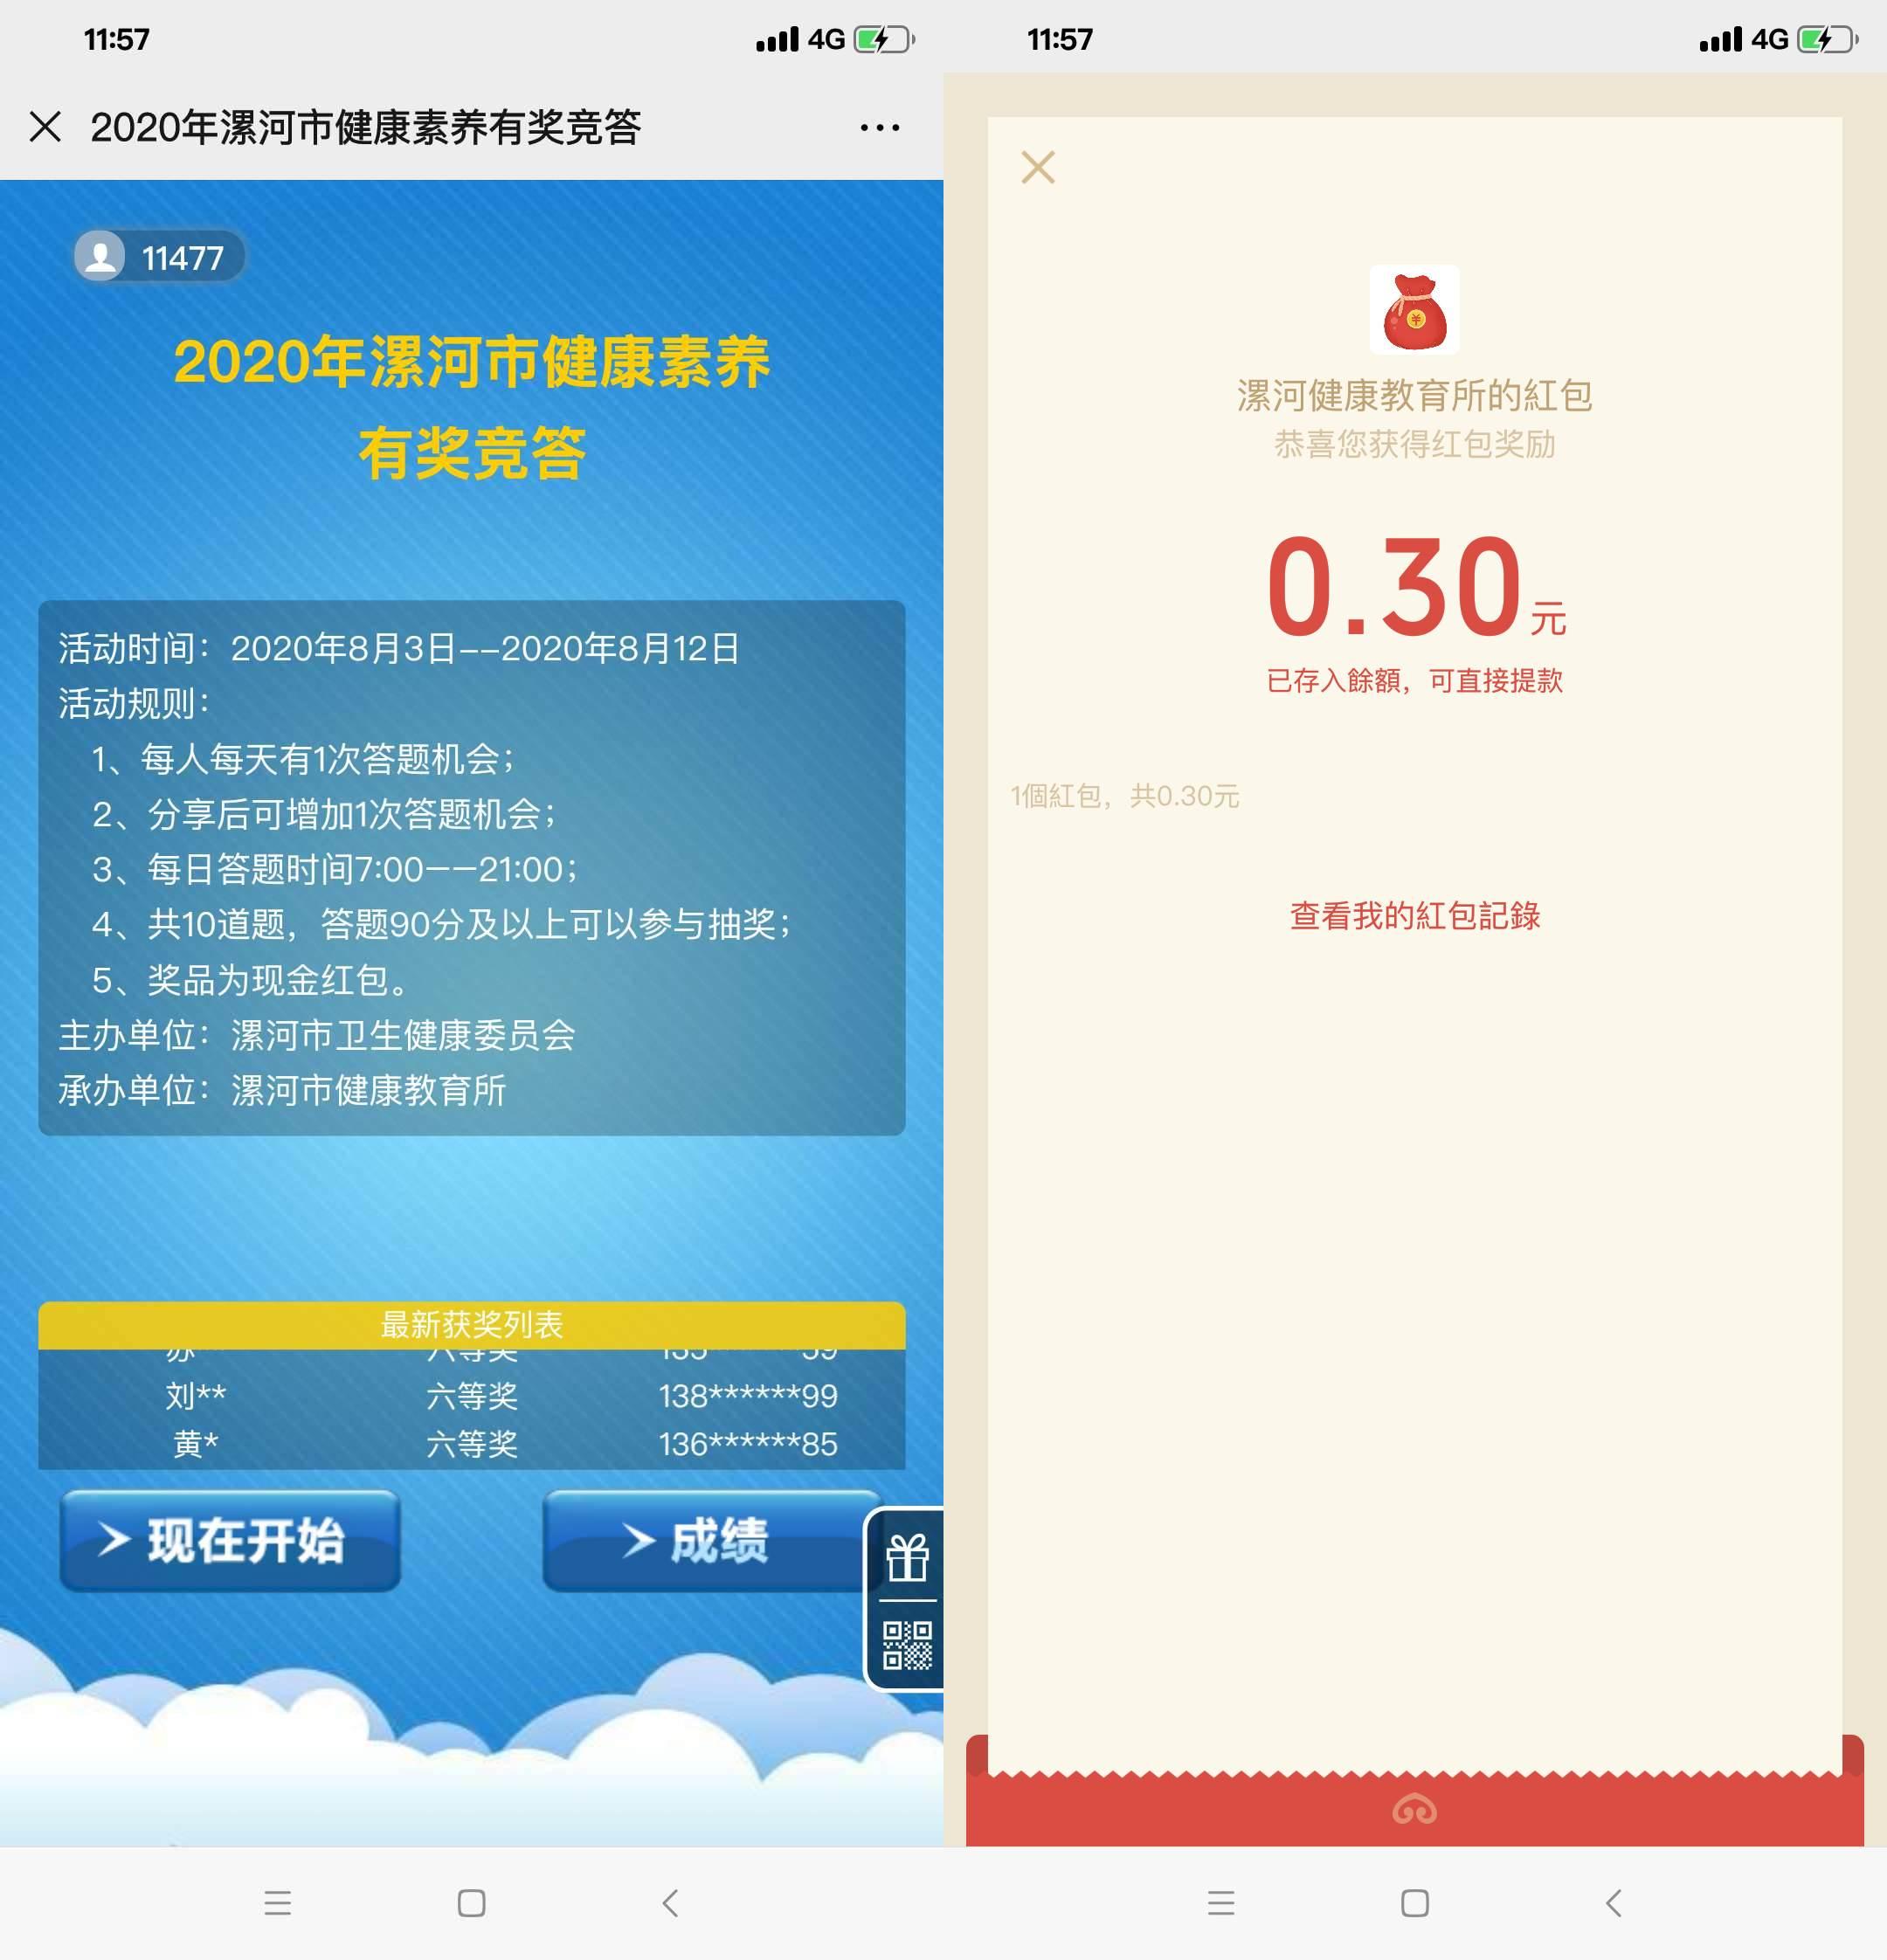 漯河健康公众号答卷抽现金红包活动